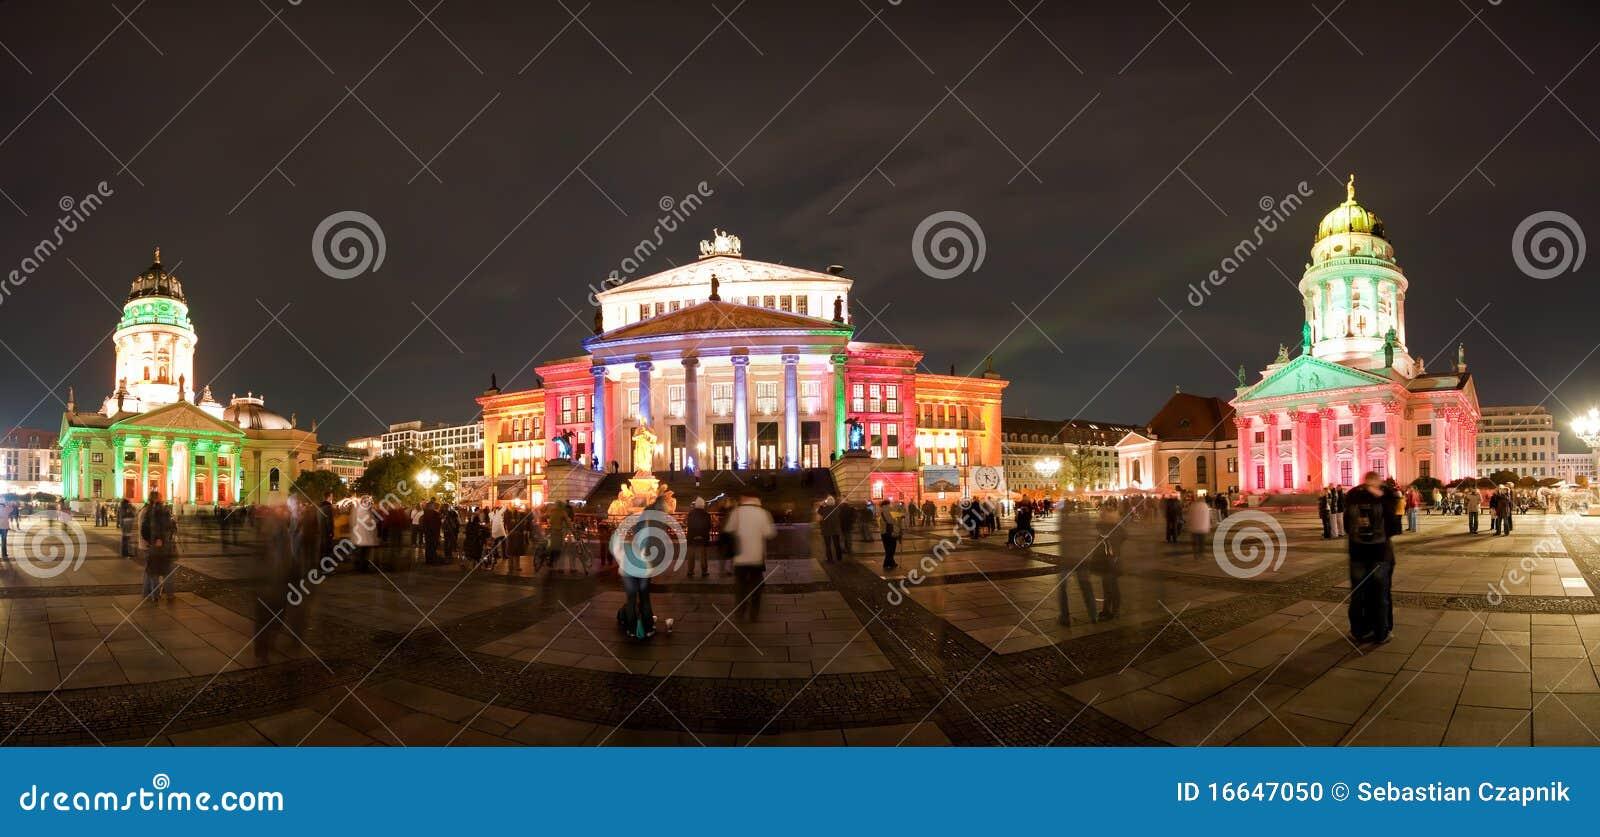 панорама konzerthaus berlin